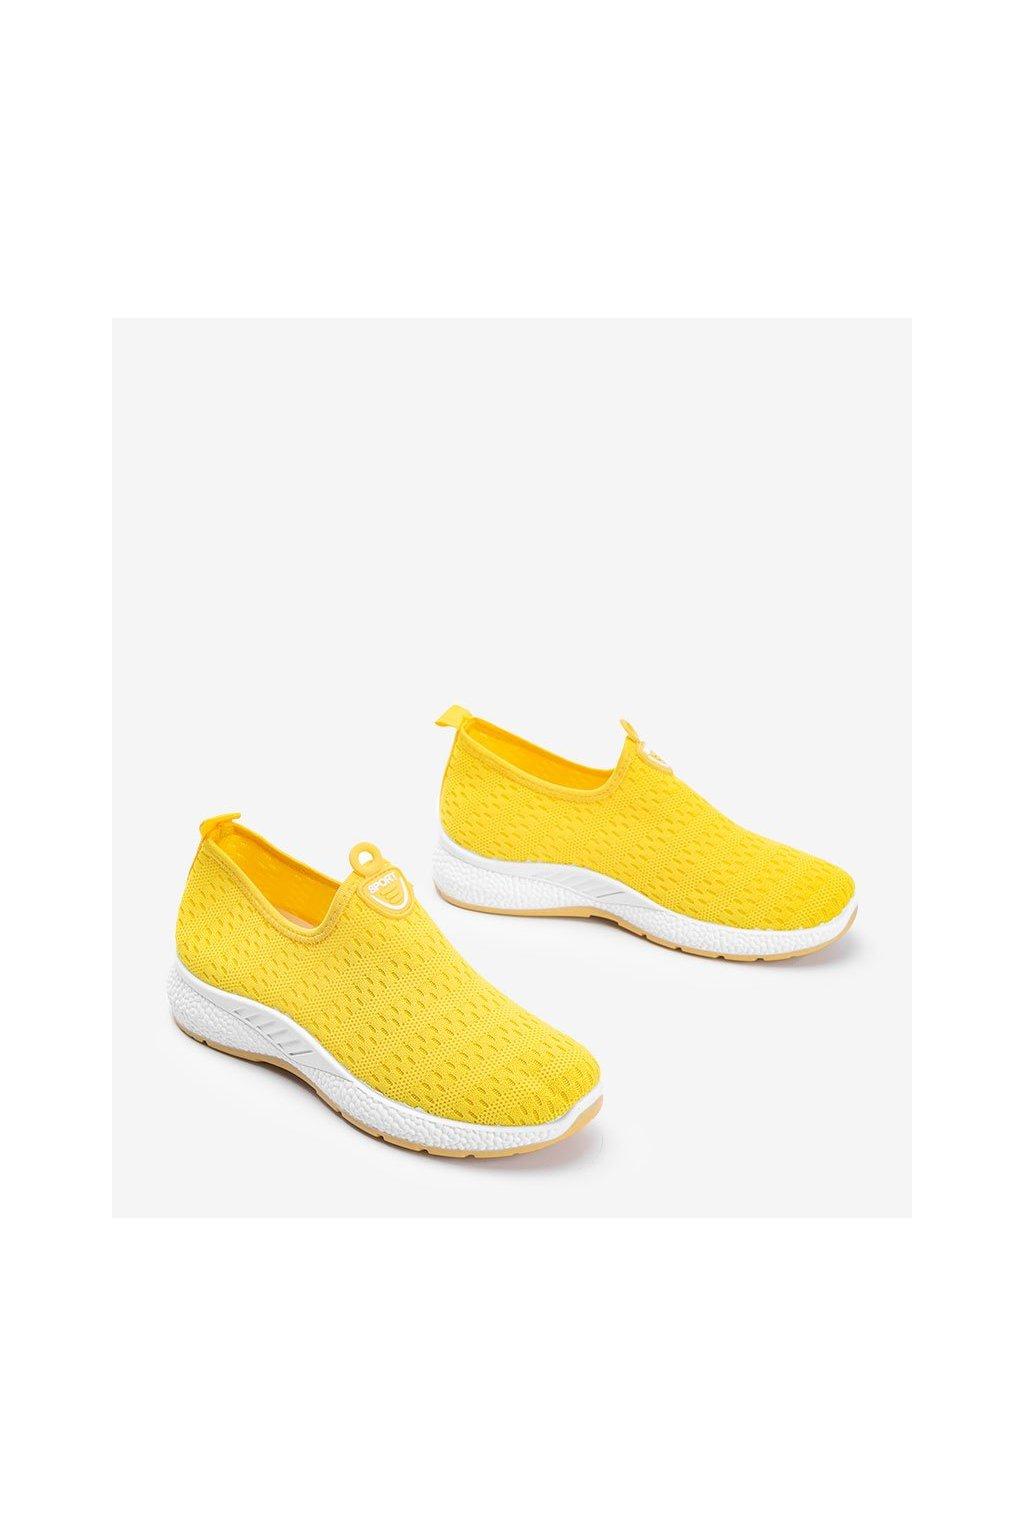 Dámske topánky tenisky žlté NJSK C015 - GM